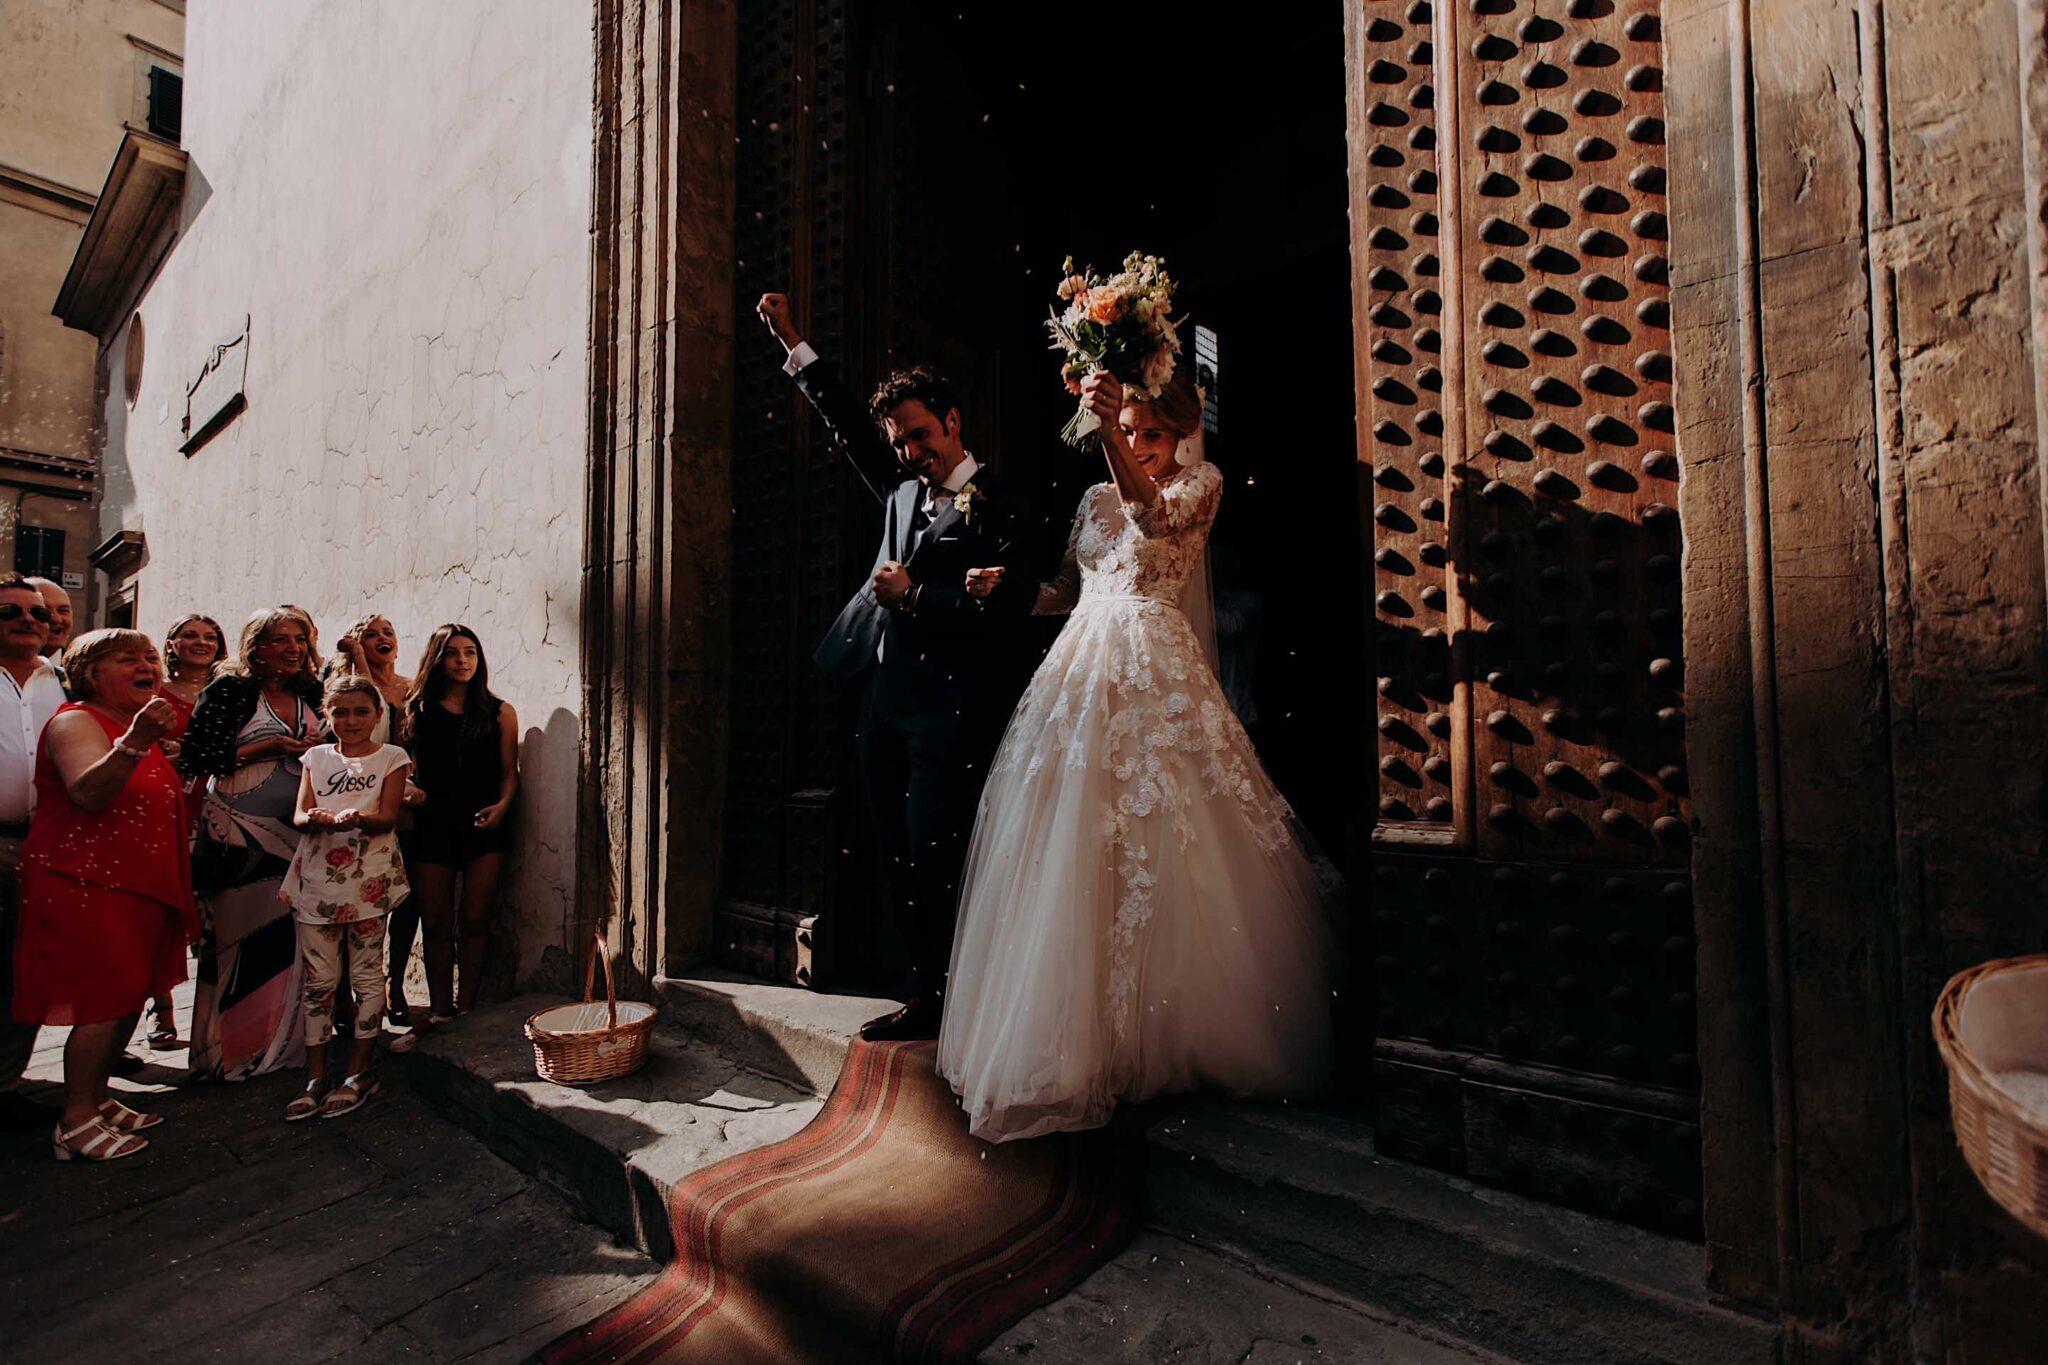 lancio del riso nella chiesa di San Niccolò Sopr'Arno a Firenze